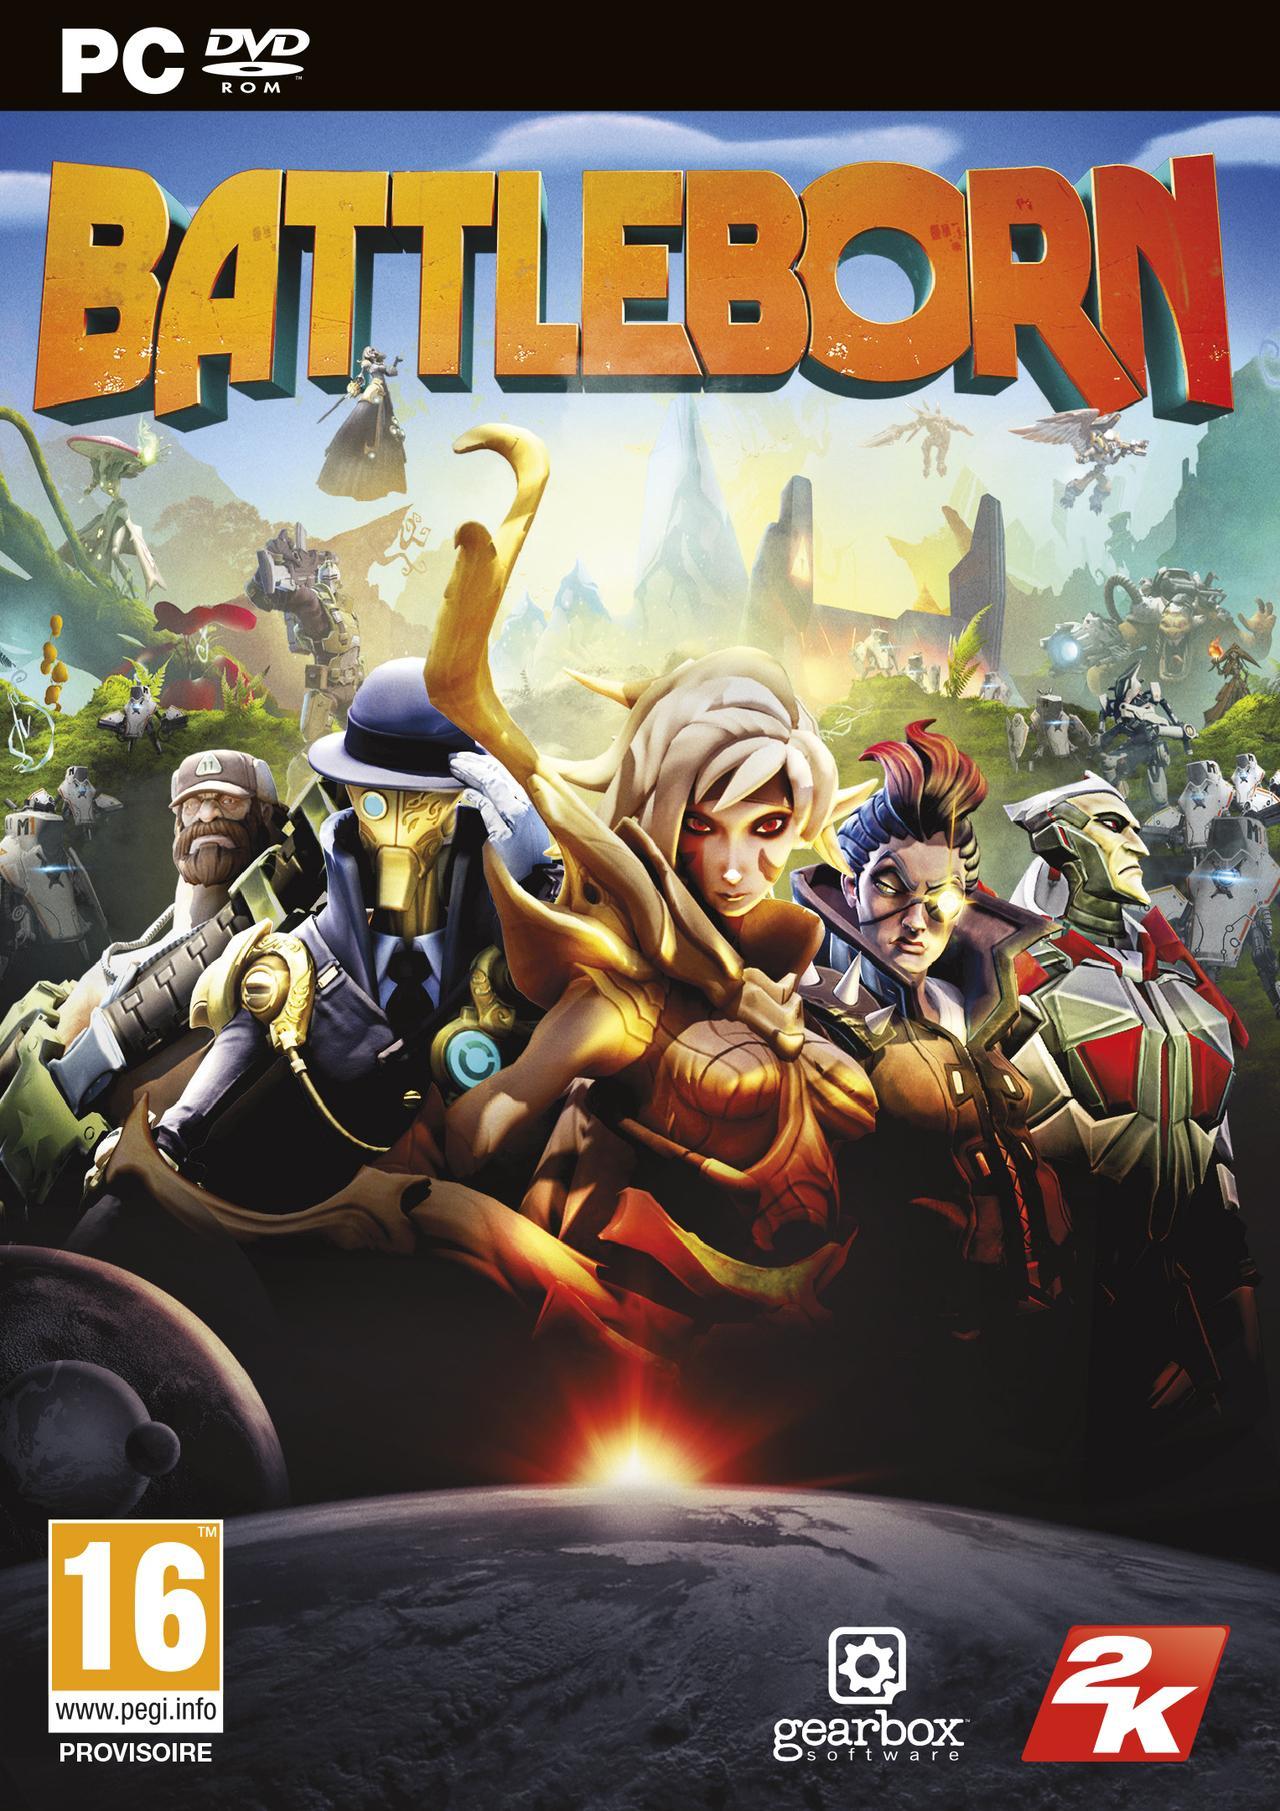 [Précommande] Battleborn sur PC